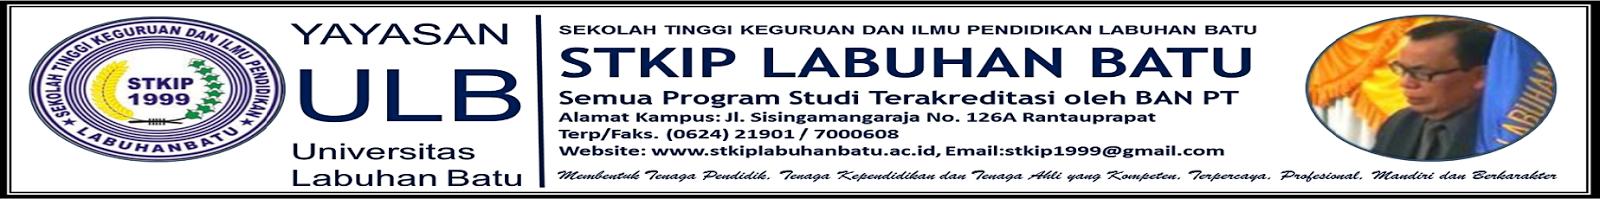 SEKOLAH TINGGI KEGURUAN DAN ILMU PENDIDIKAN (STKIP) LABUHAN BATU Yayasan Universitas Labuhan Batu